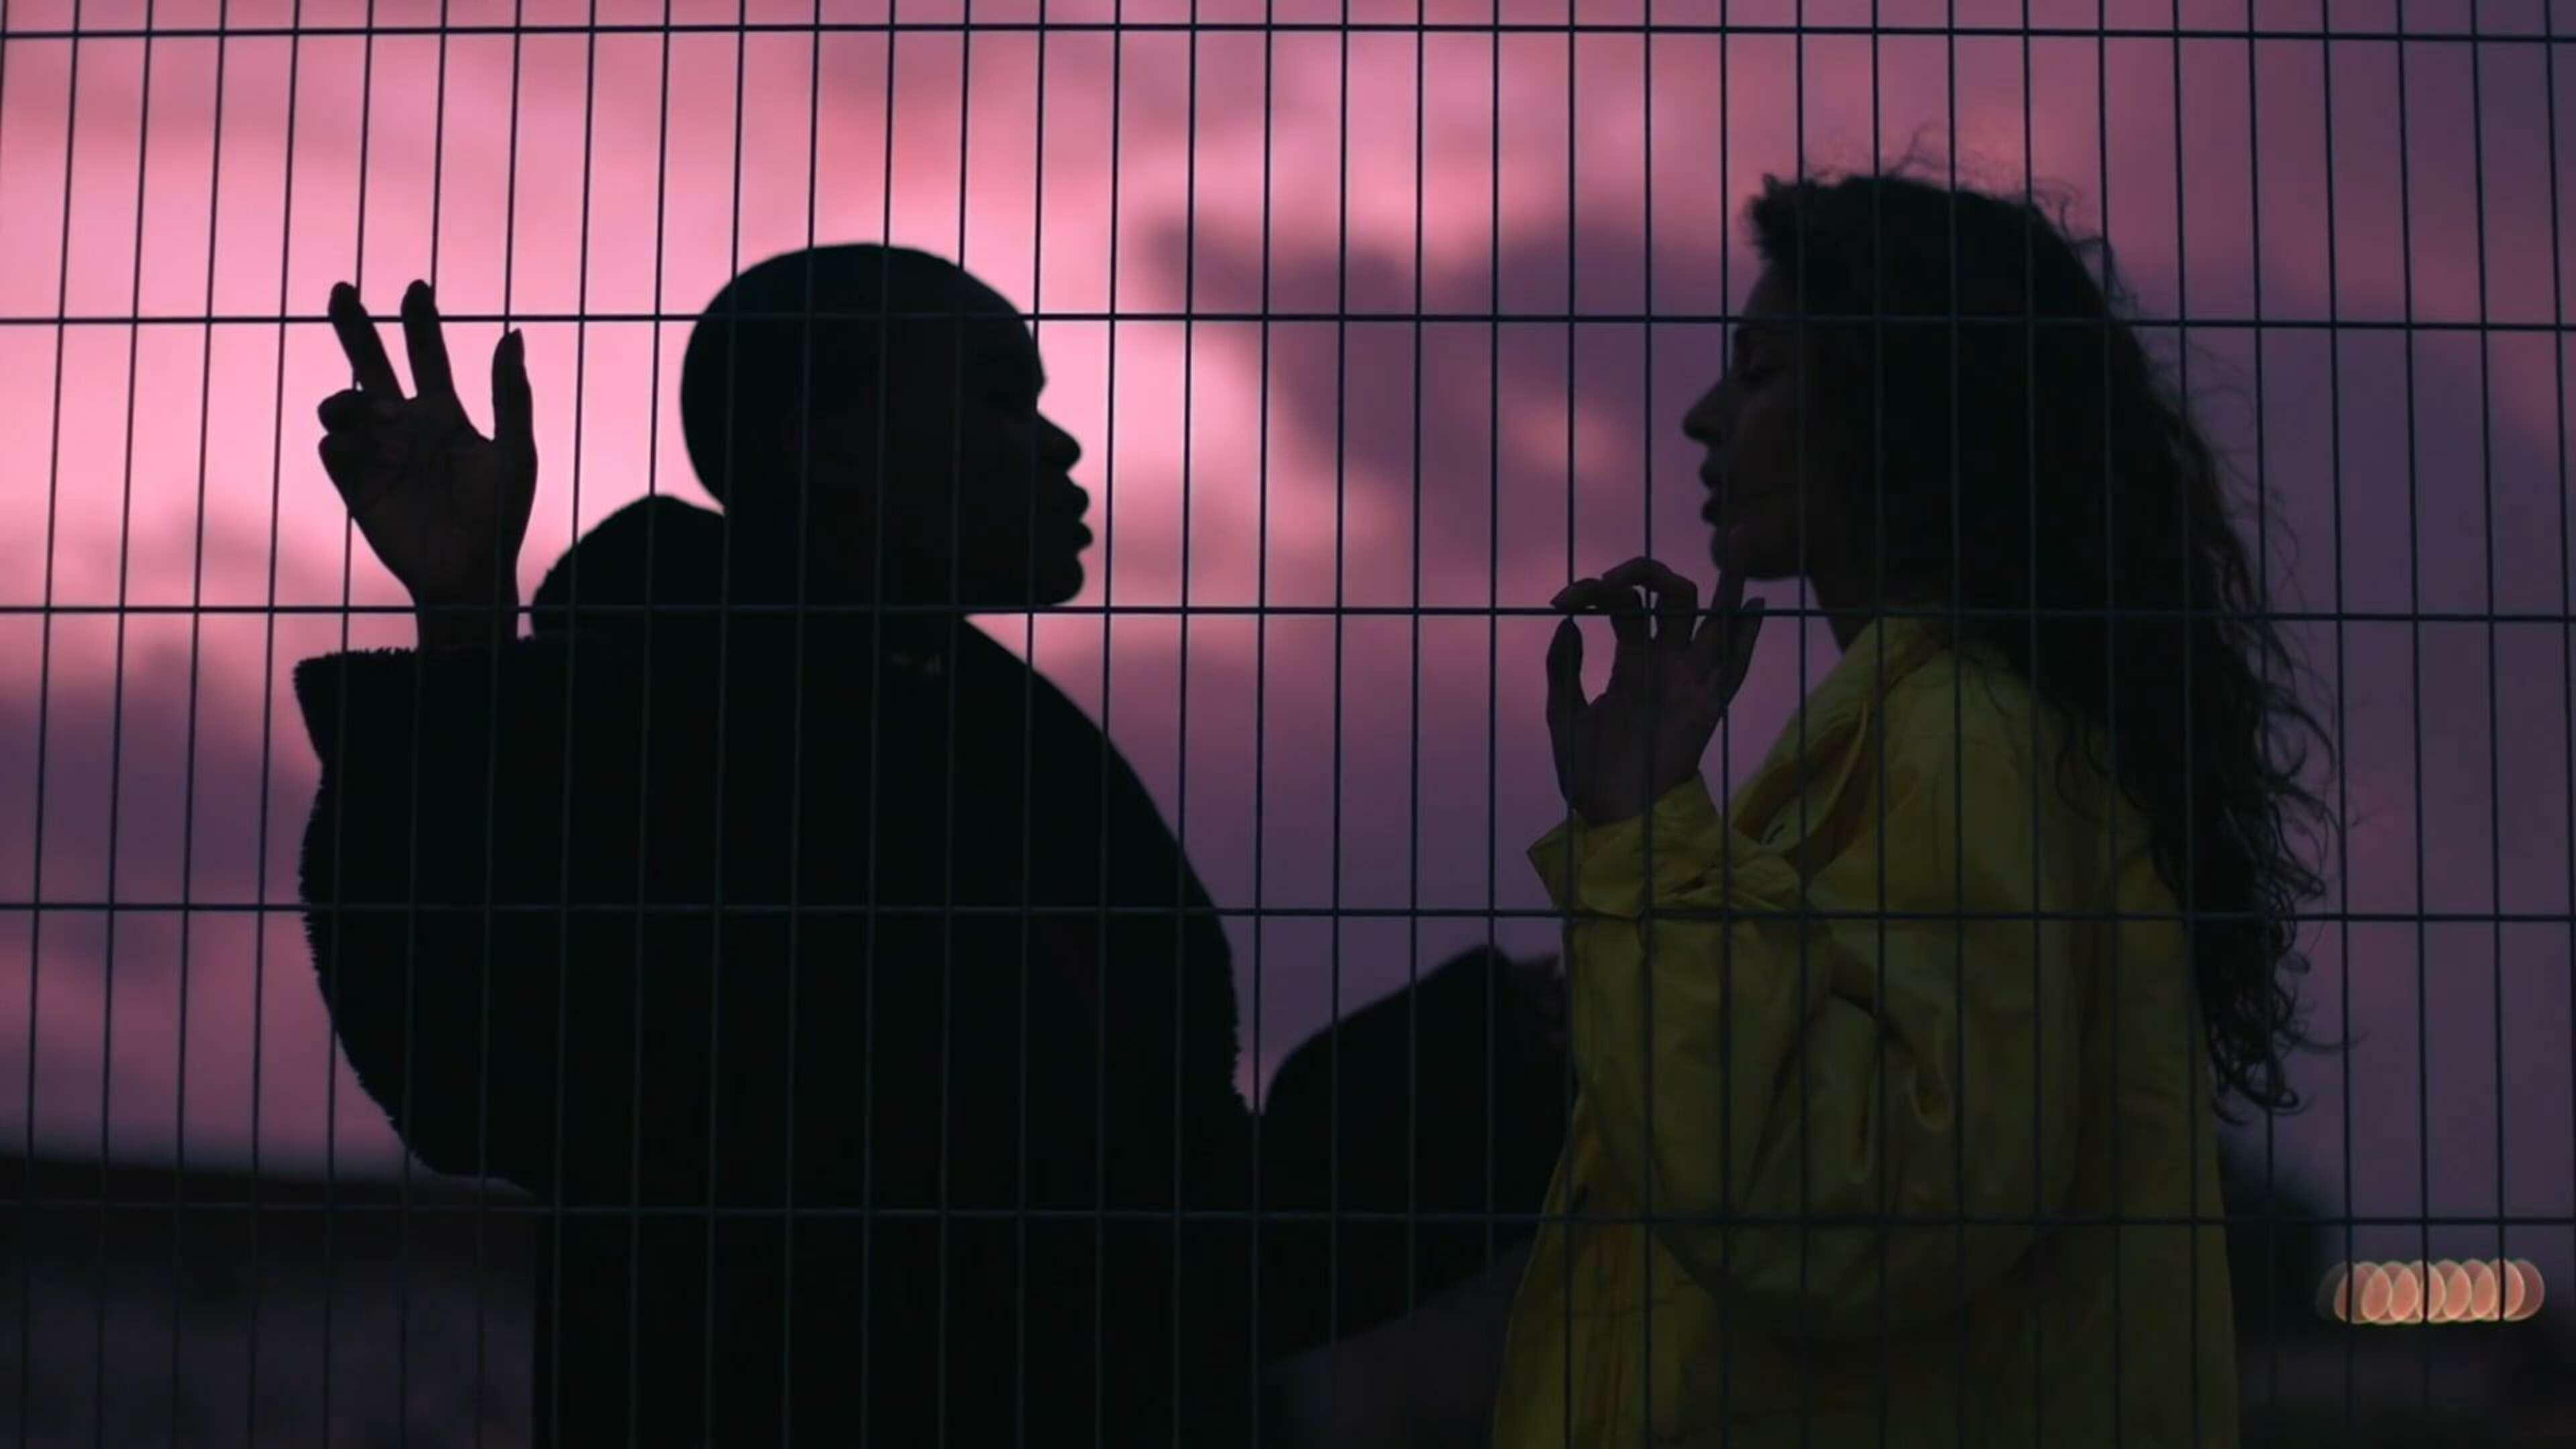 Amo Achille - No More-videoclip